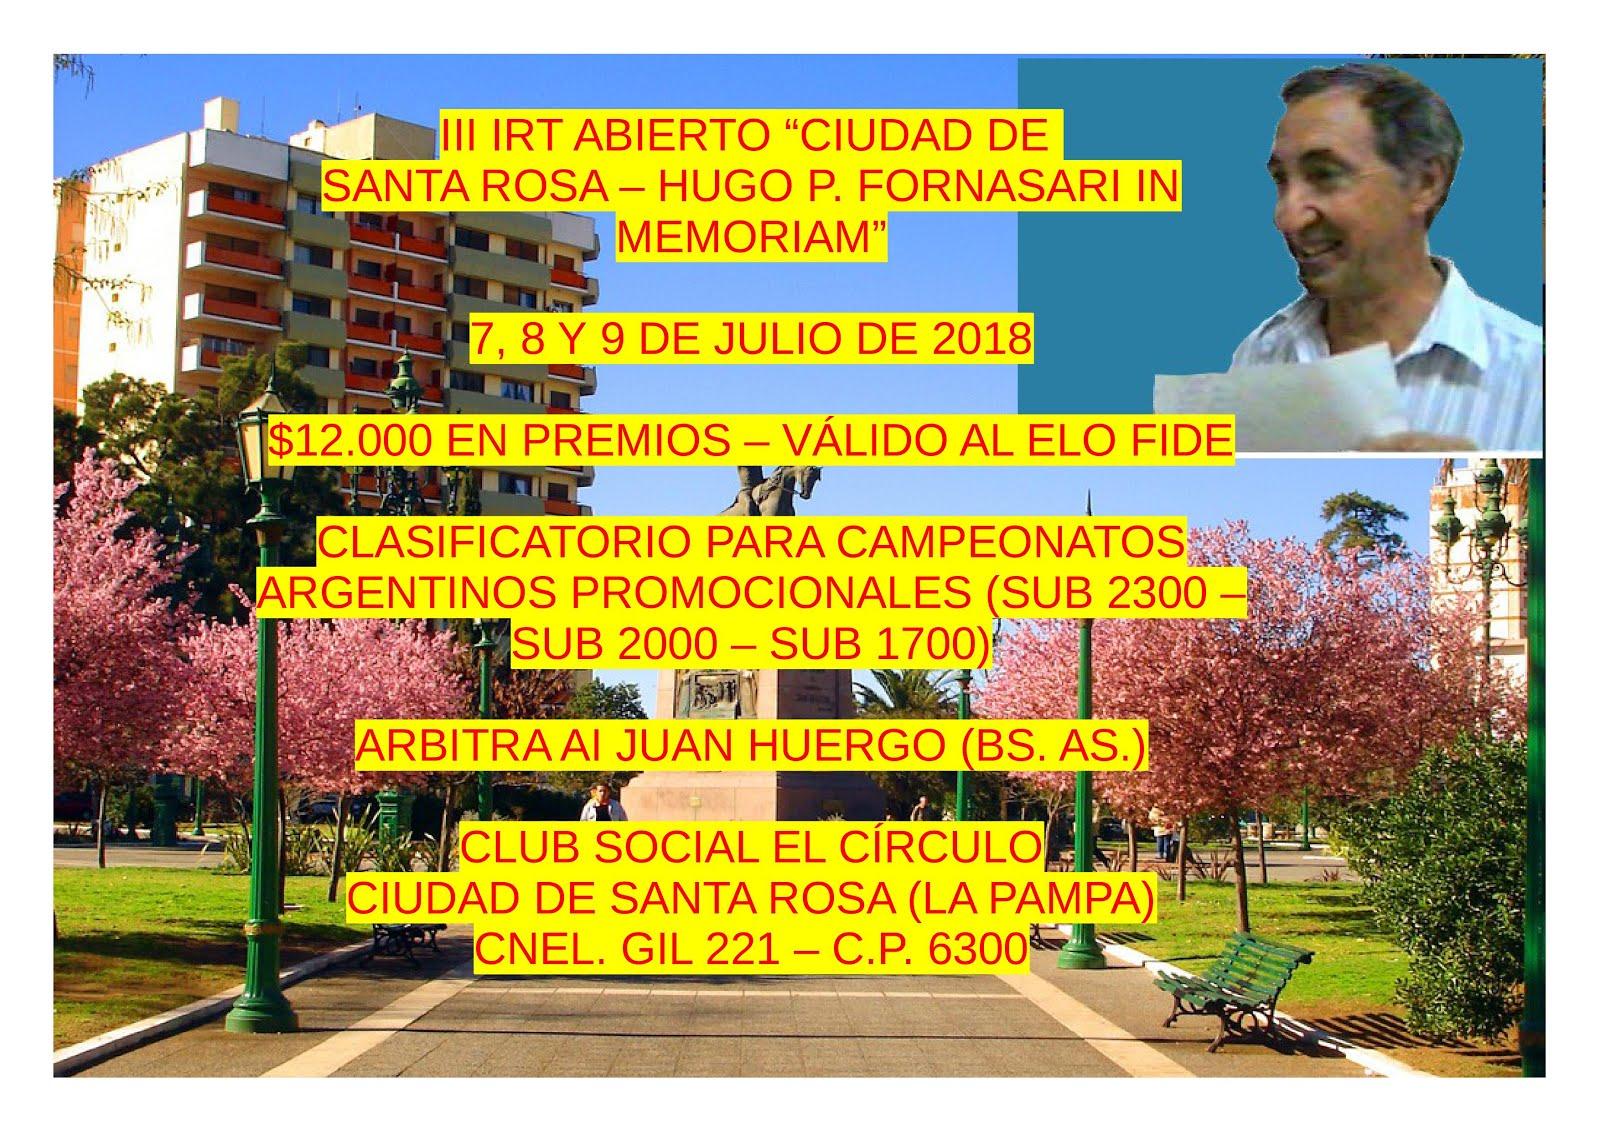 III IRT Ciudad de Santa Rosa - Hugo P. Fornasari In Memoriam